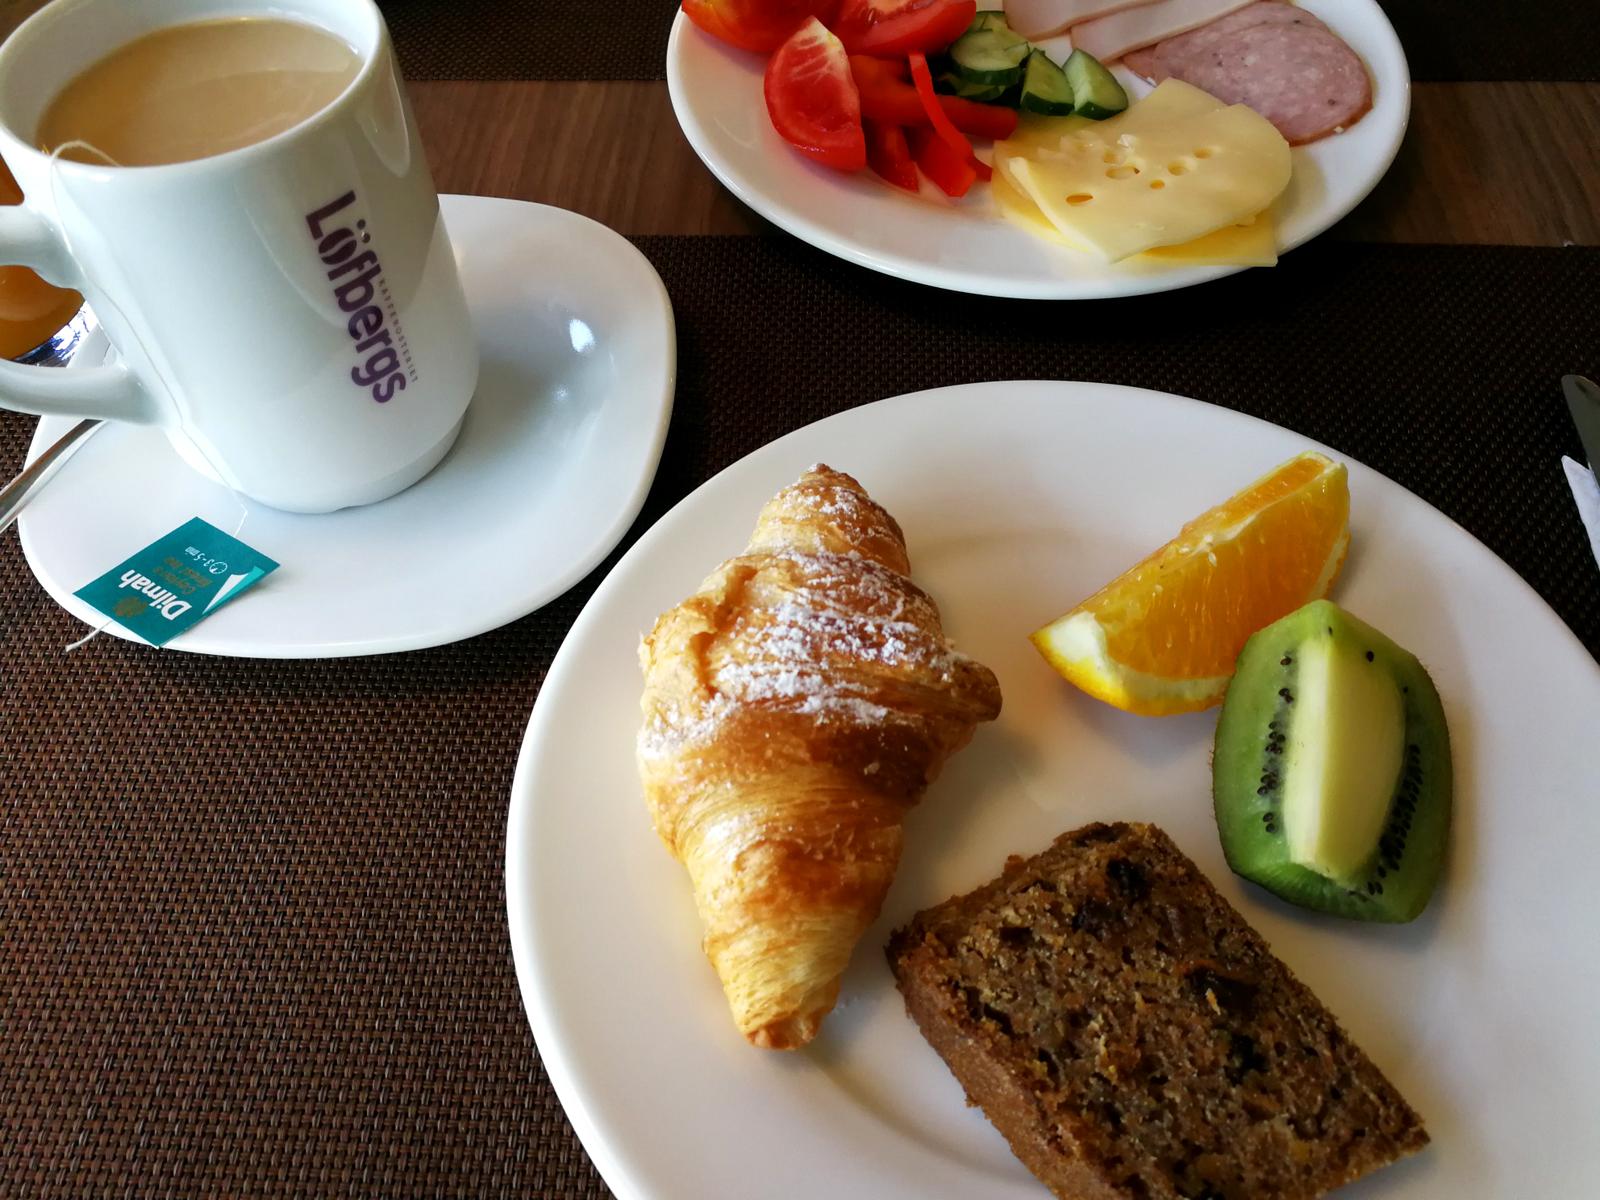 Das Frühstück im Hotel ibis Styles Vilnius, Litauen